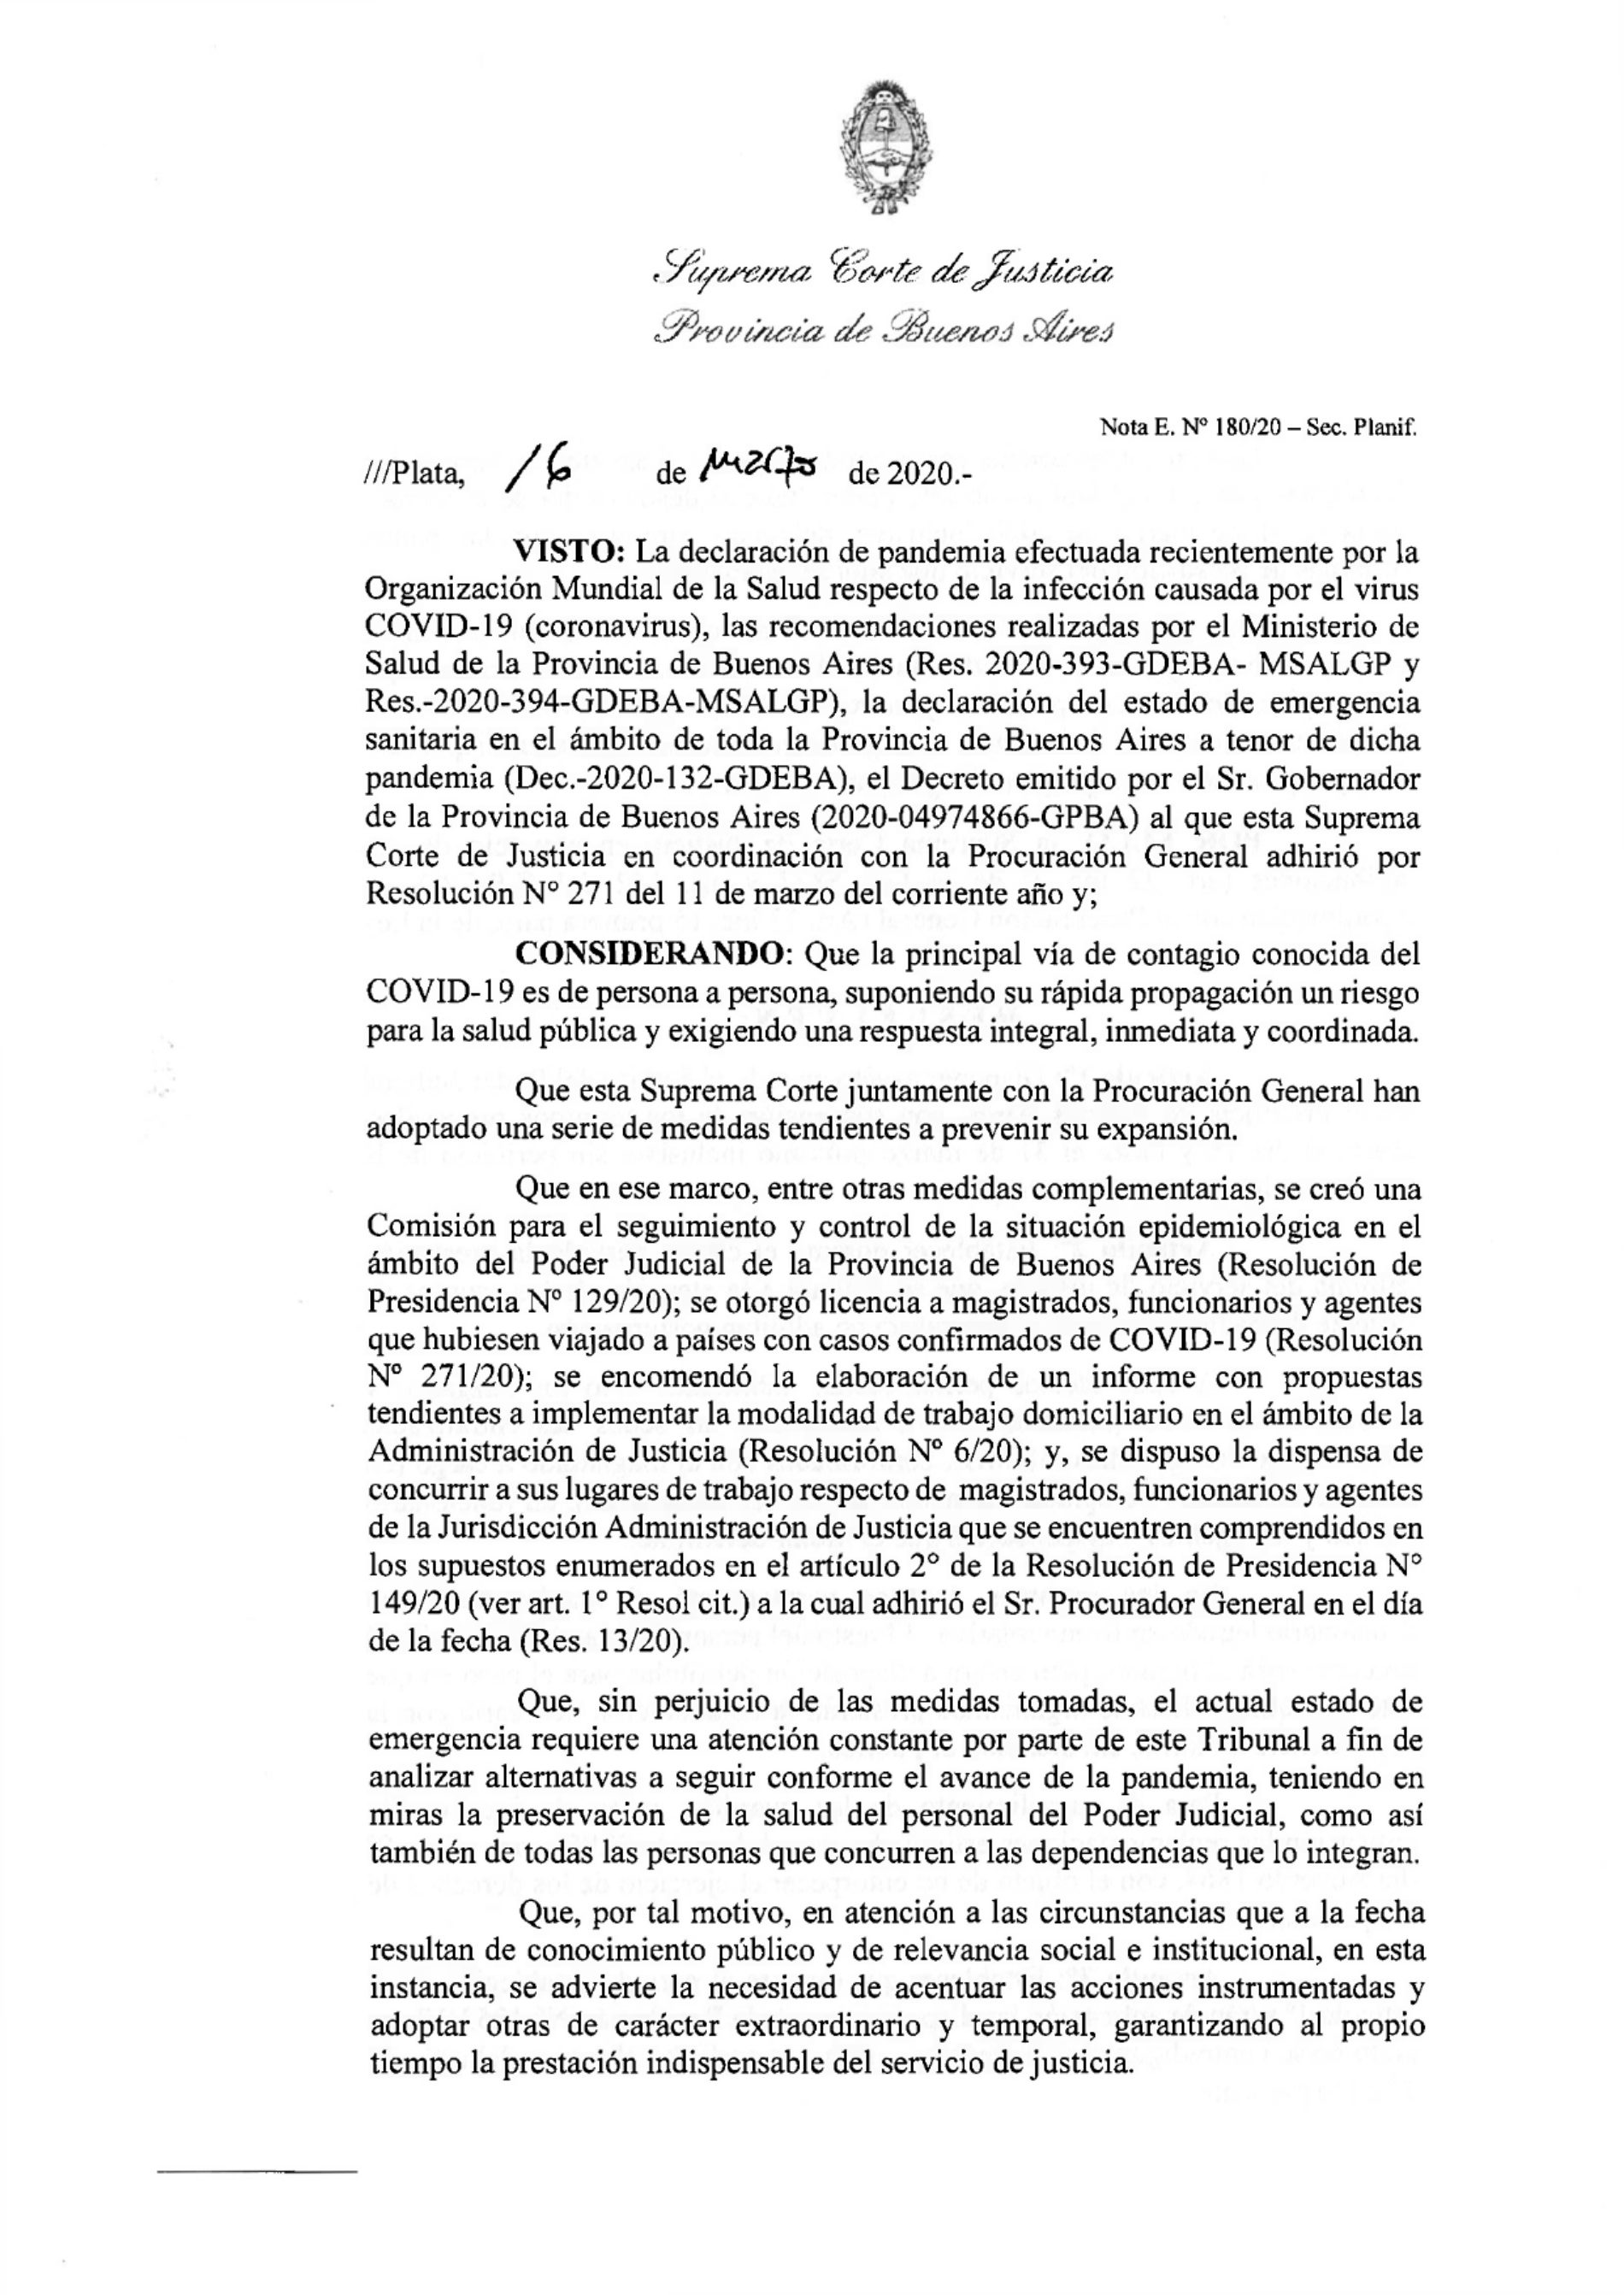 Resolución 386/20 de la Suprema Corte de Justicia de la Provincia de Buenos Aires